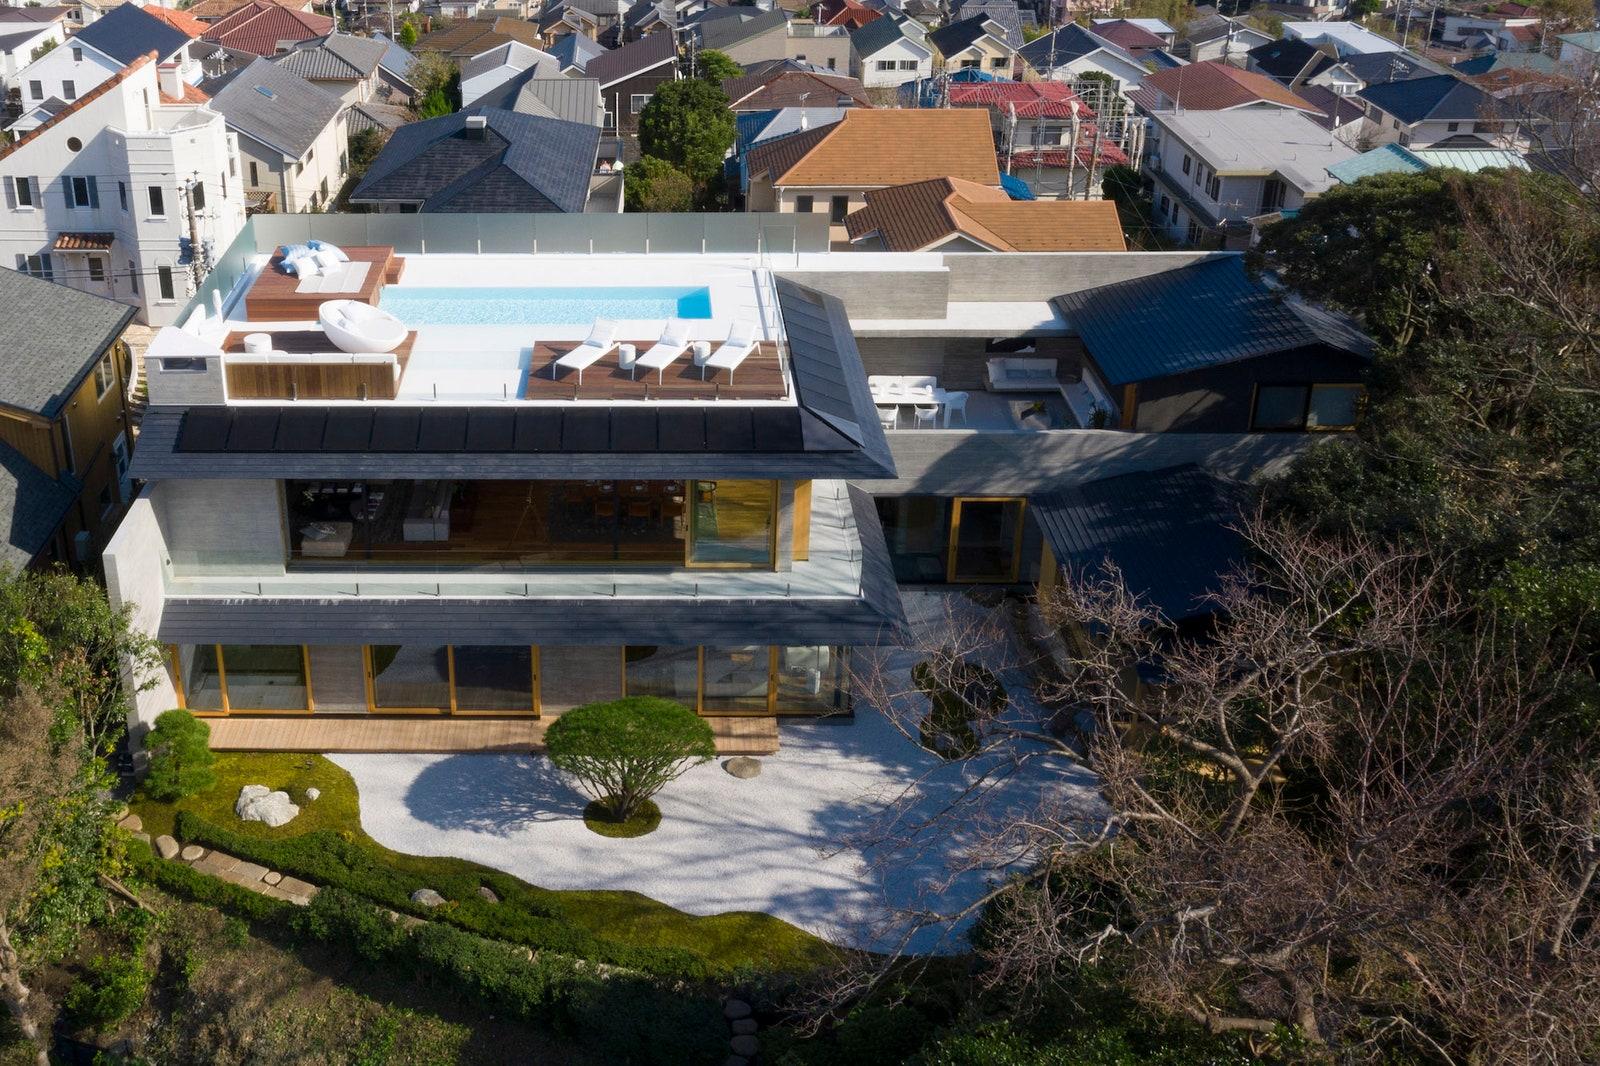 Sự kết hợp hoàn hảo giữa kiến trúc Nhật Bản truyền thống và hiện đại